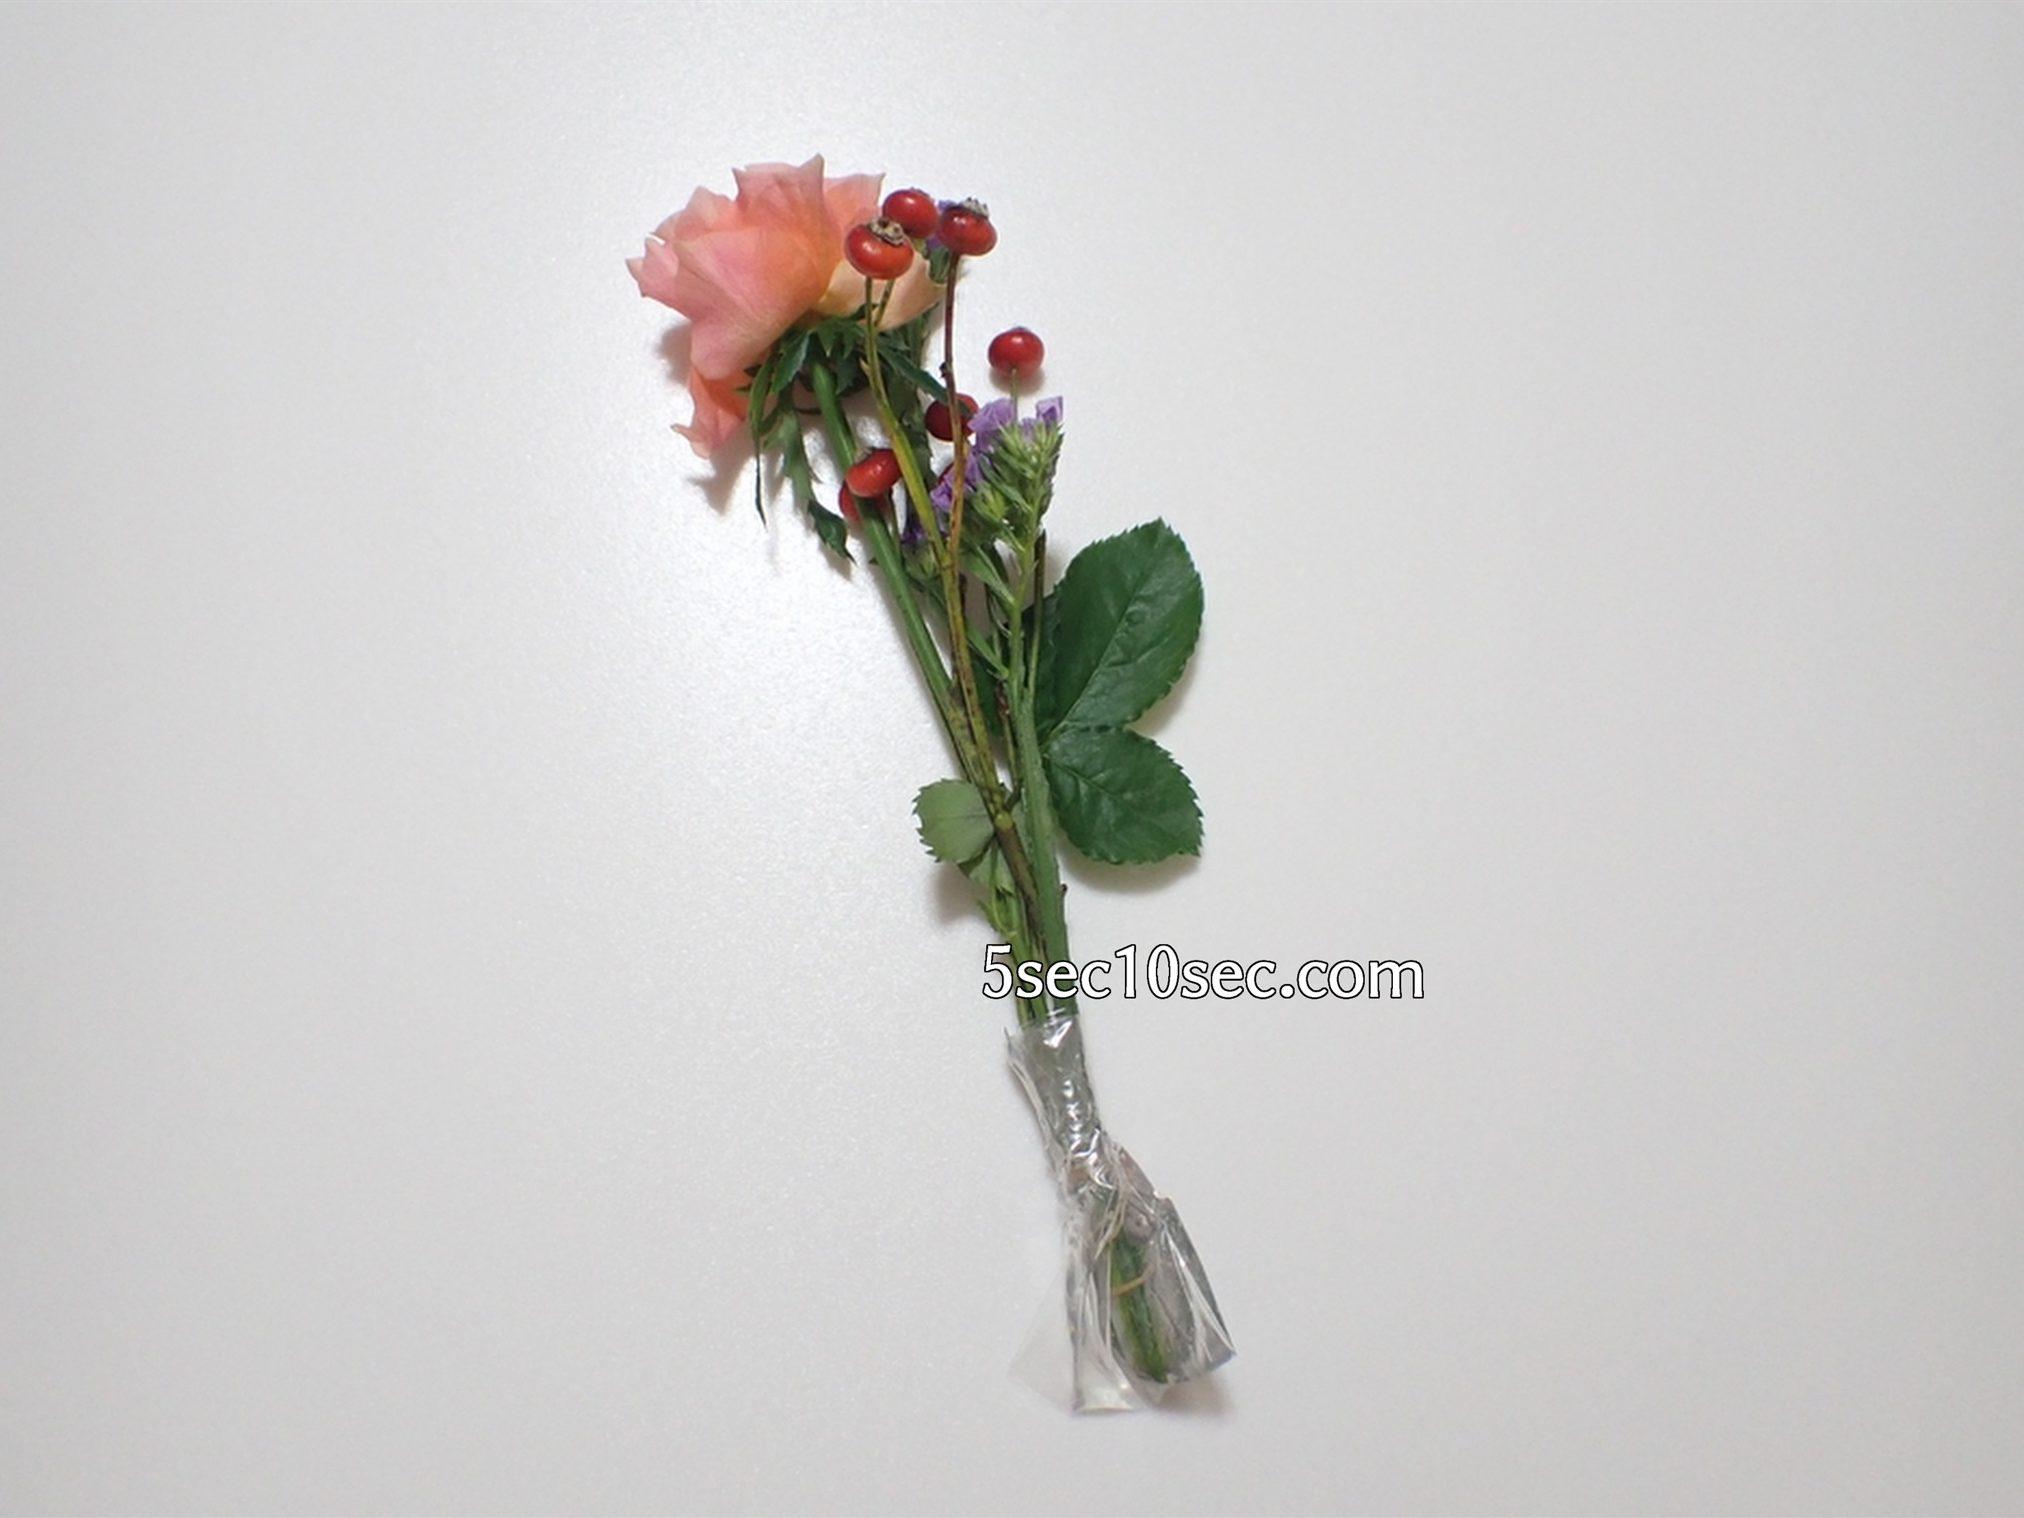 株式会社Crunch Style お花の定期便 Bloomee LIFE ブルーミーライフ 500円(税別・送料別)の体験プラン 包装紙を外した、お花の写真